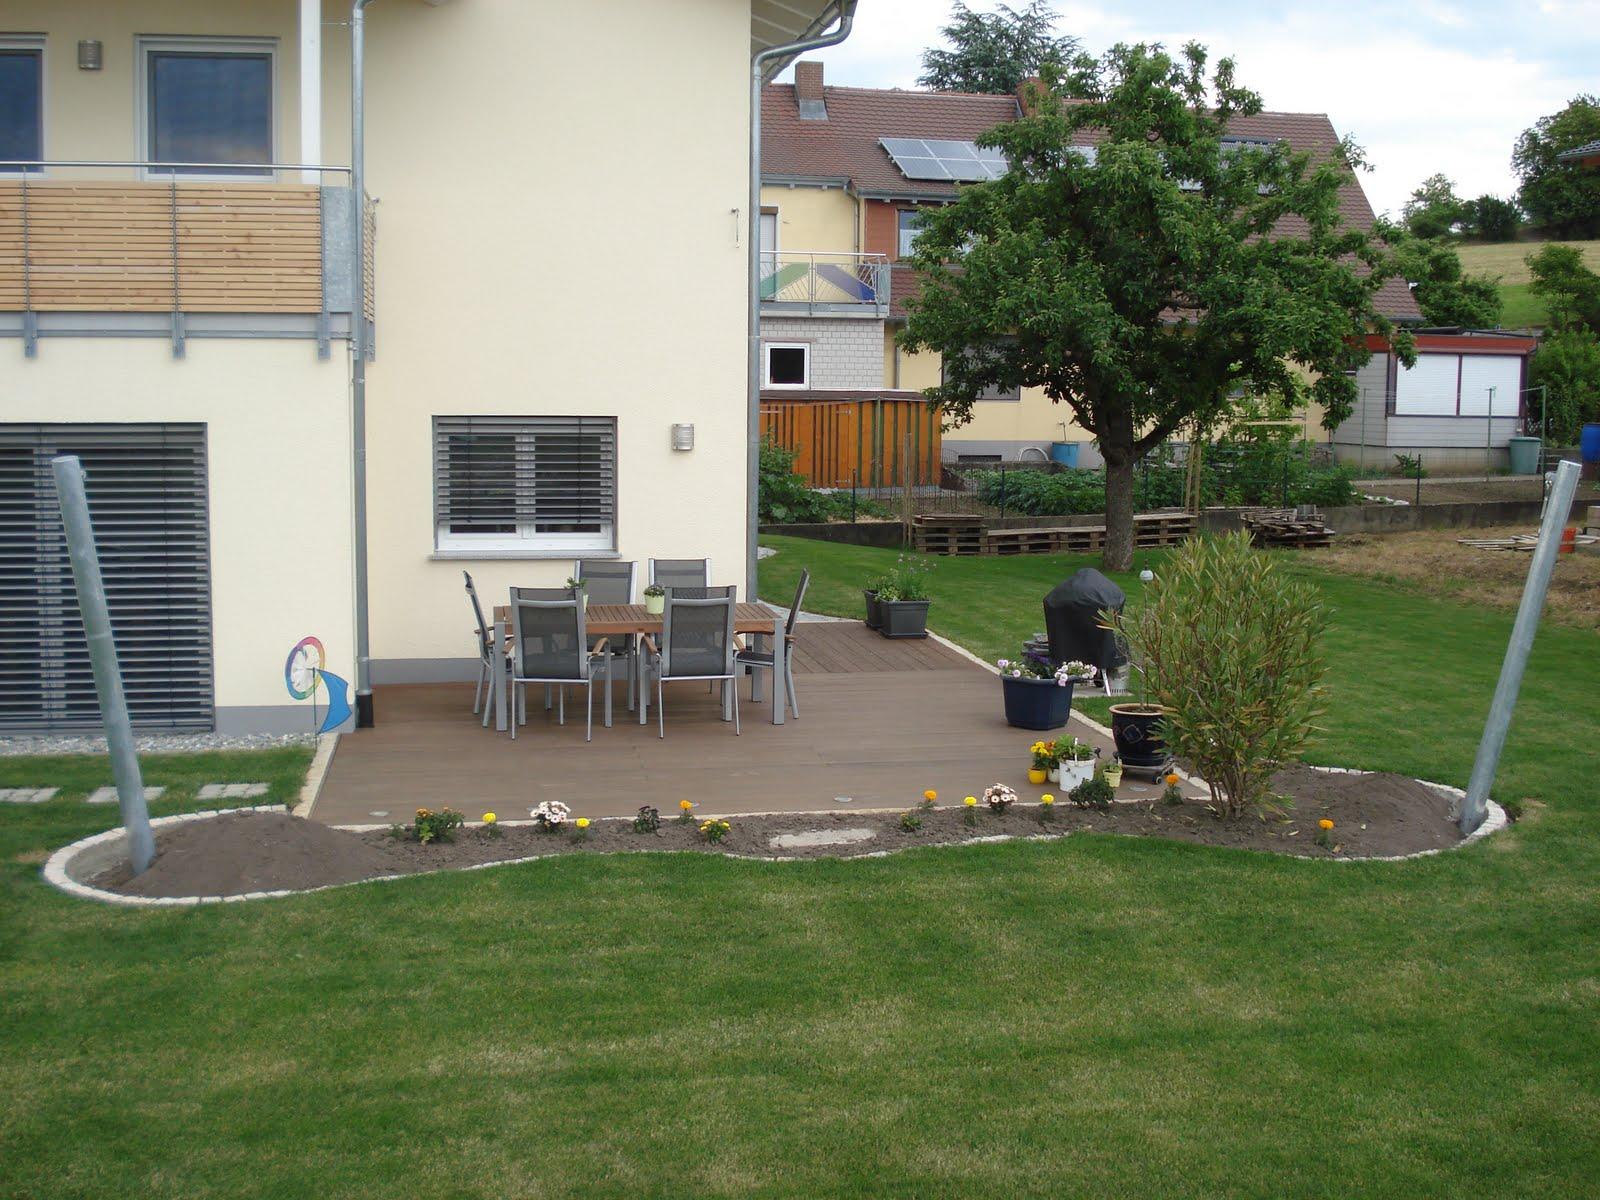 Beet Vor Terrasse Anlegen Hofbeet Eine Nierenformige Saatschale